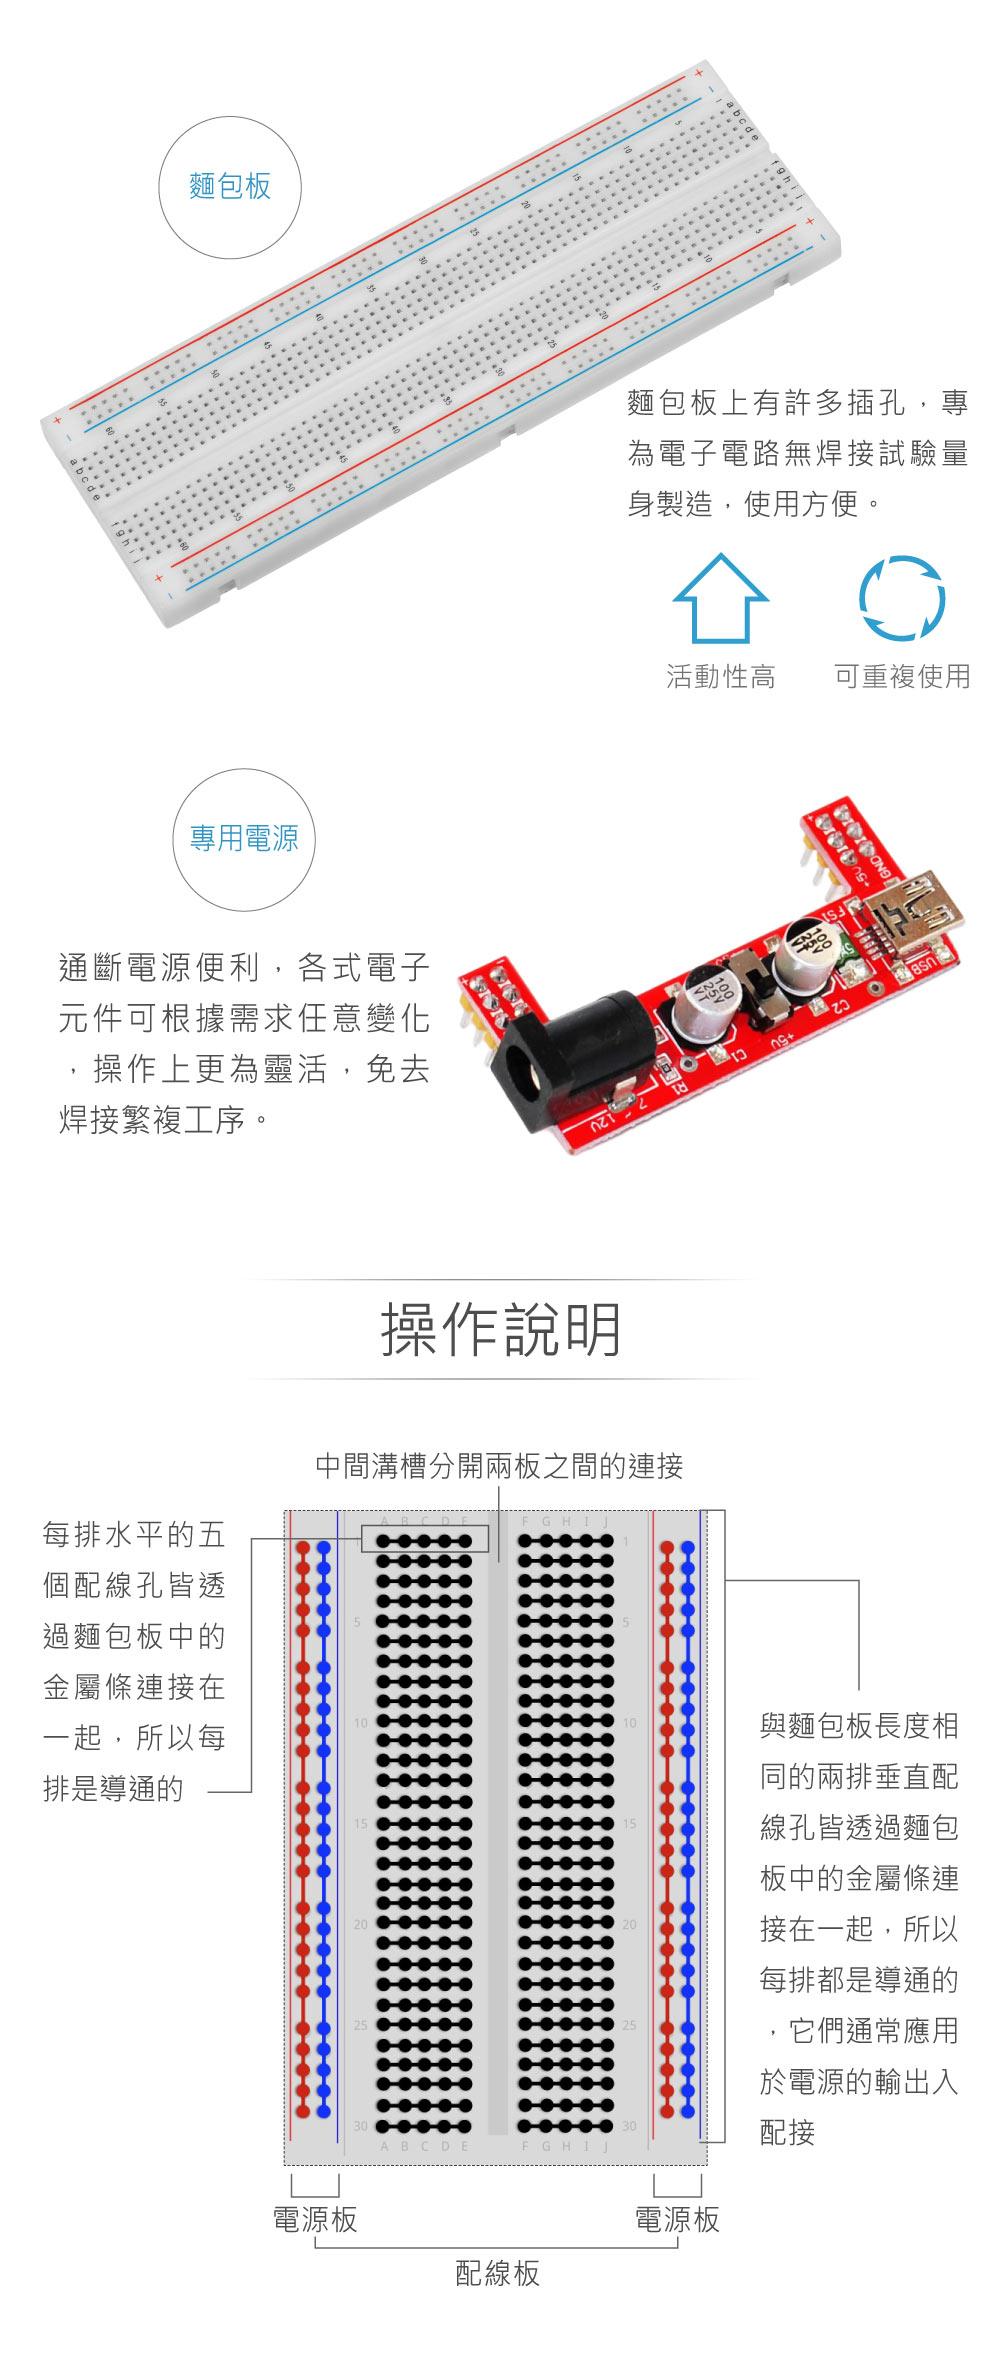 堃喬 堃邑 麵包板 端子線 組合 電子材料